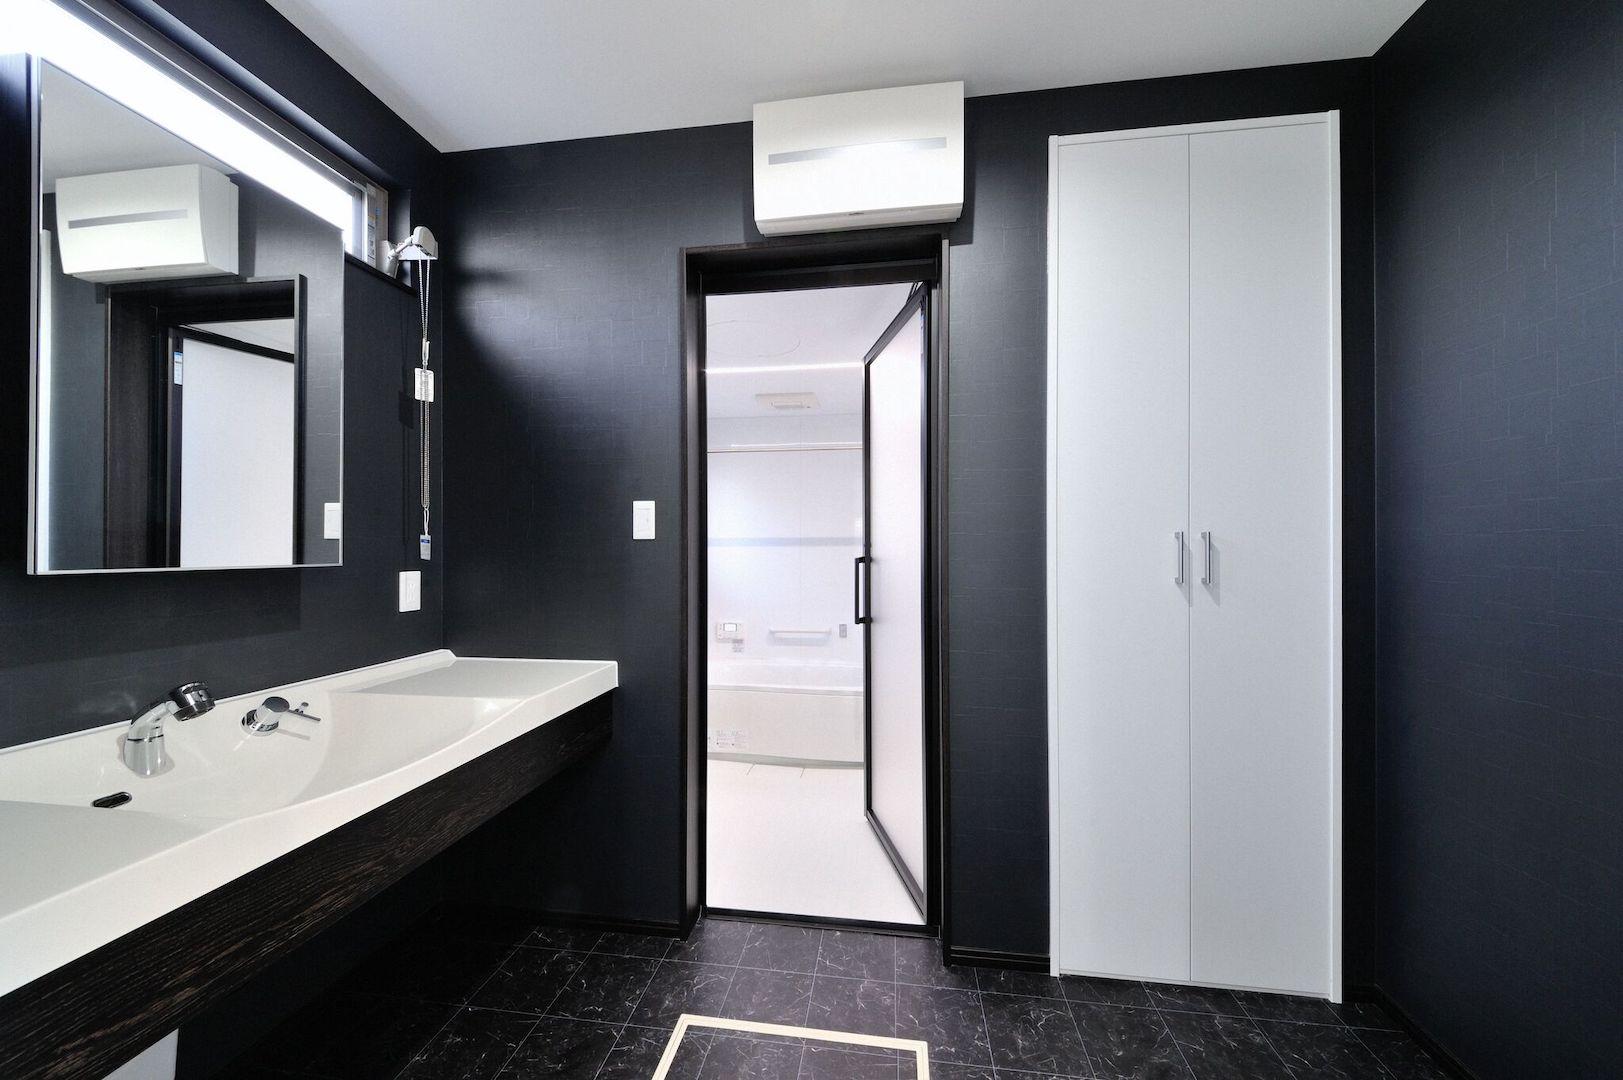 ホテルのような洗面室